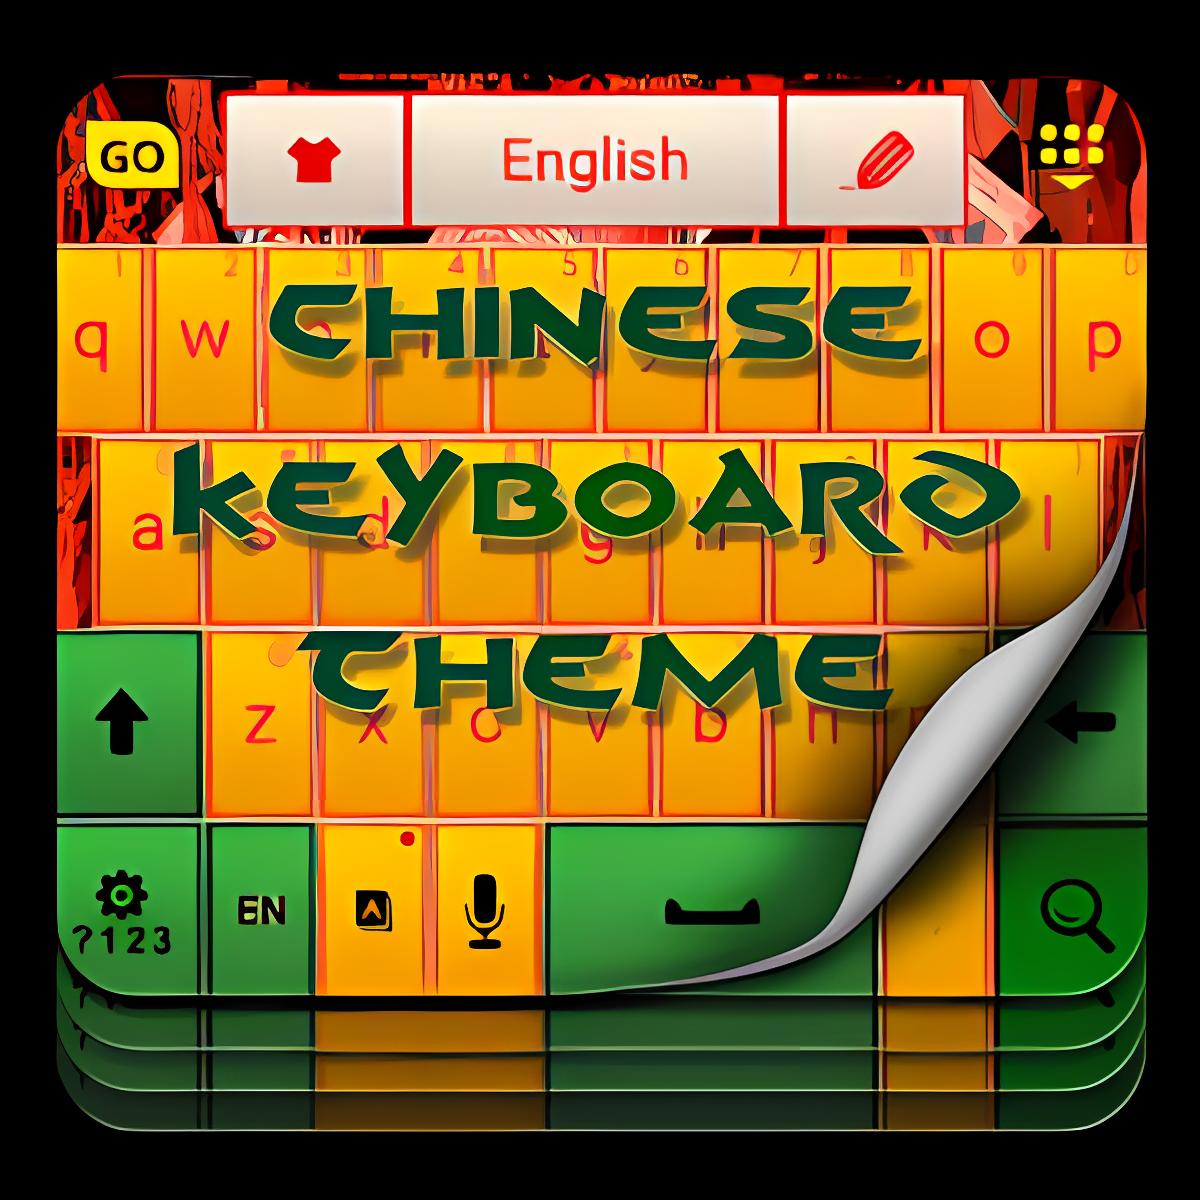 El tema del teclado chino